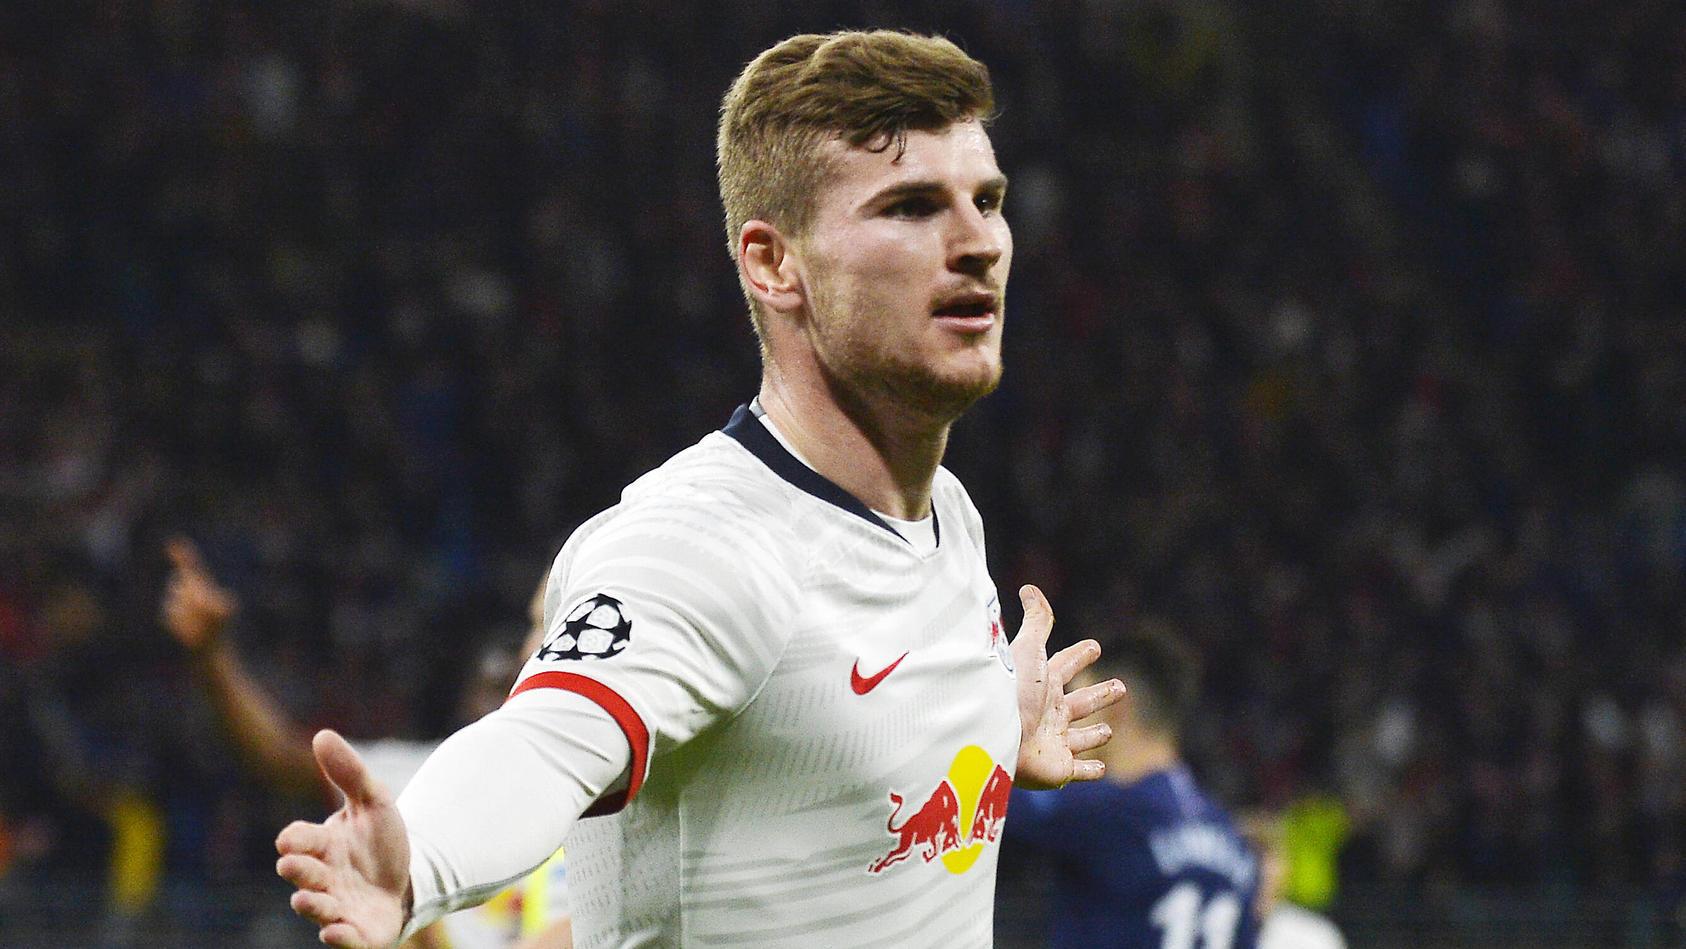 Fußball Champions League, Achtelfinale, Rückspiel, Saison 2019/2020, RB Leipzig vs. Tottenham Hotspur FC (10.03.2020) Ti